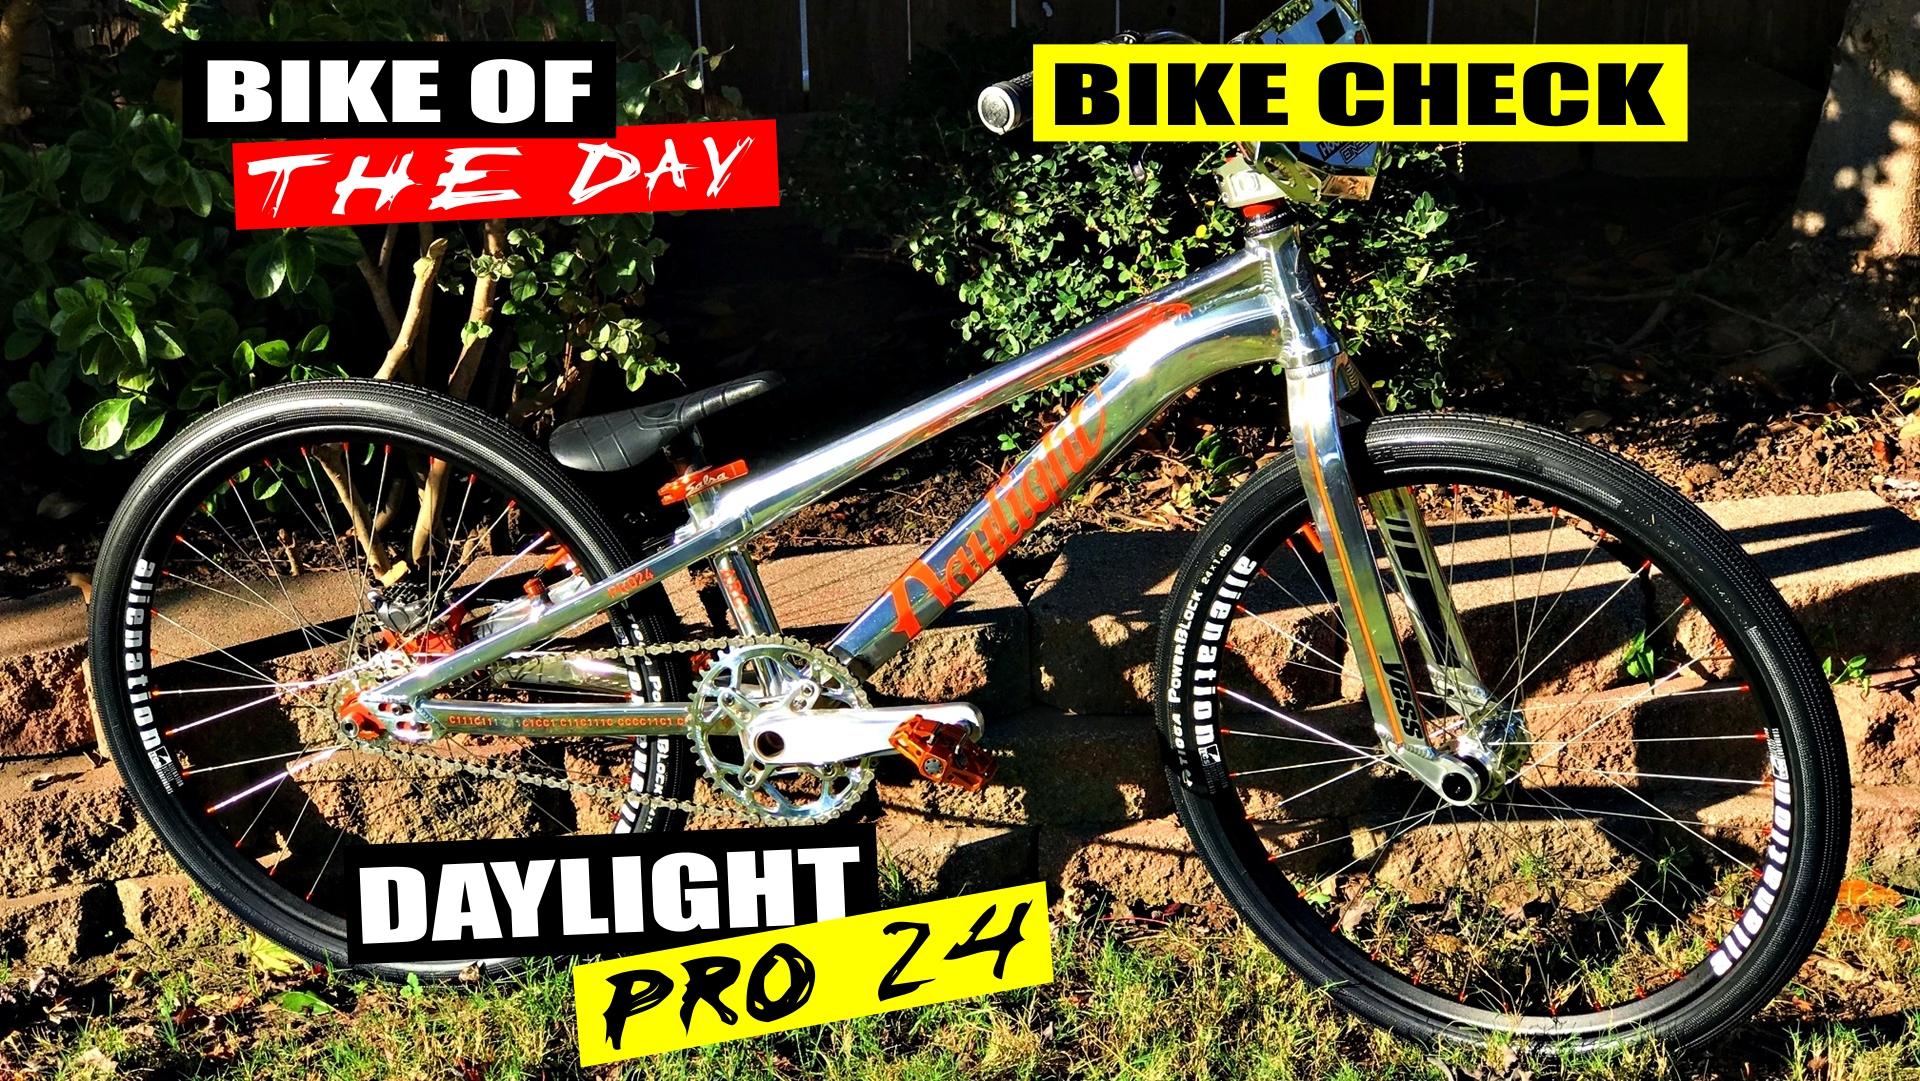 daylight cycle co pro24